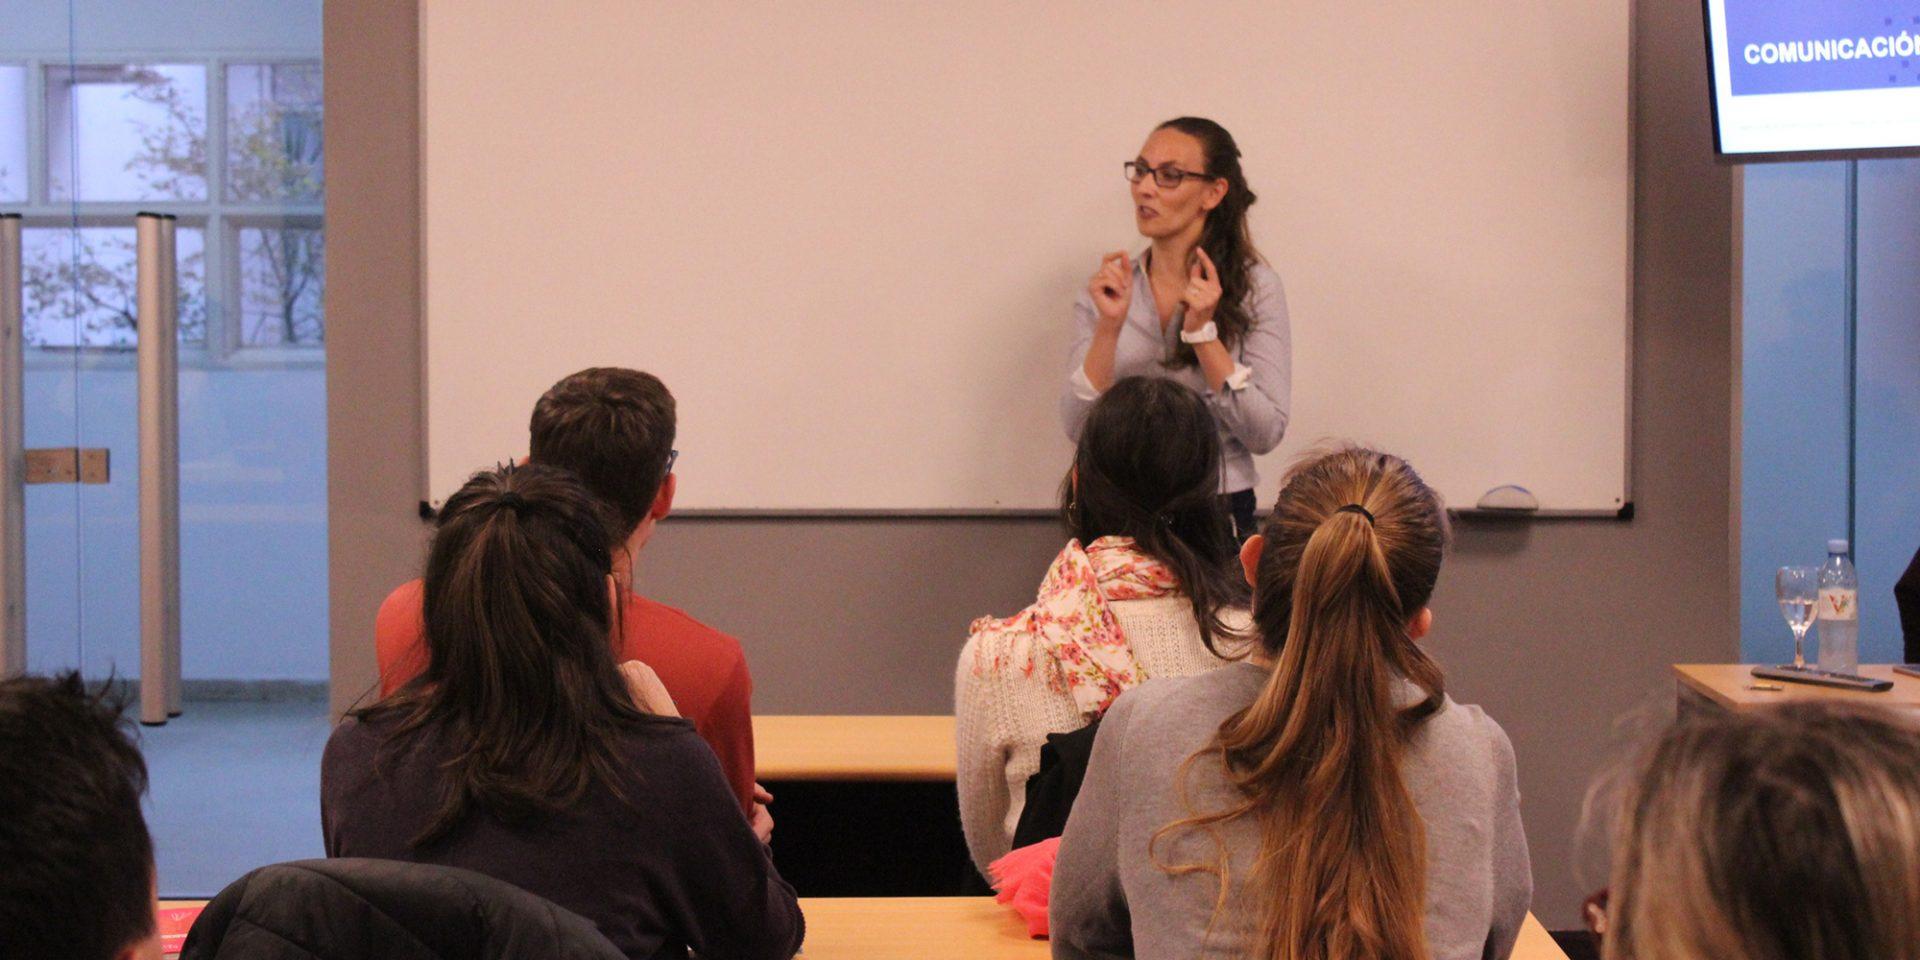 Comunicación en Renault: foco en la mujer